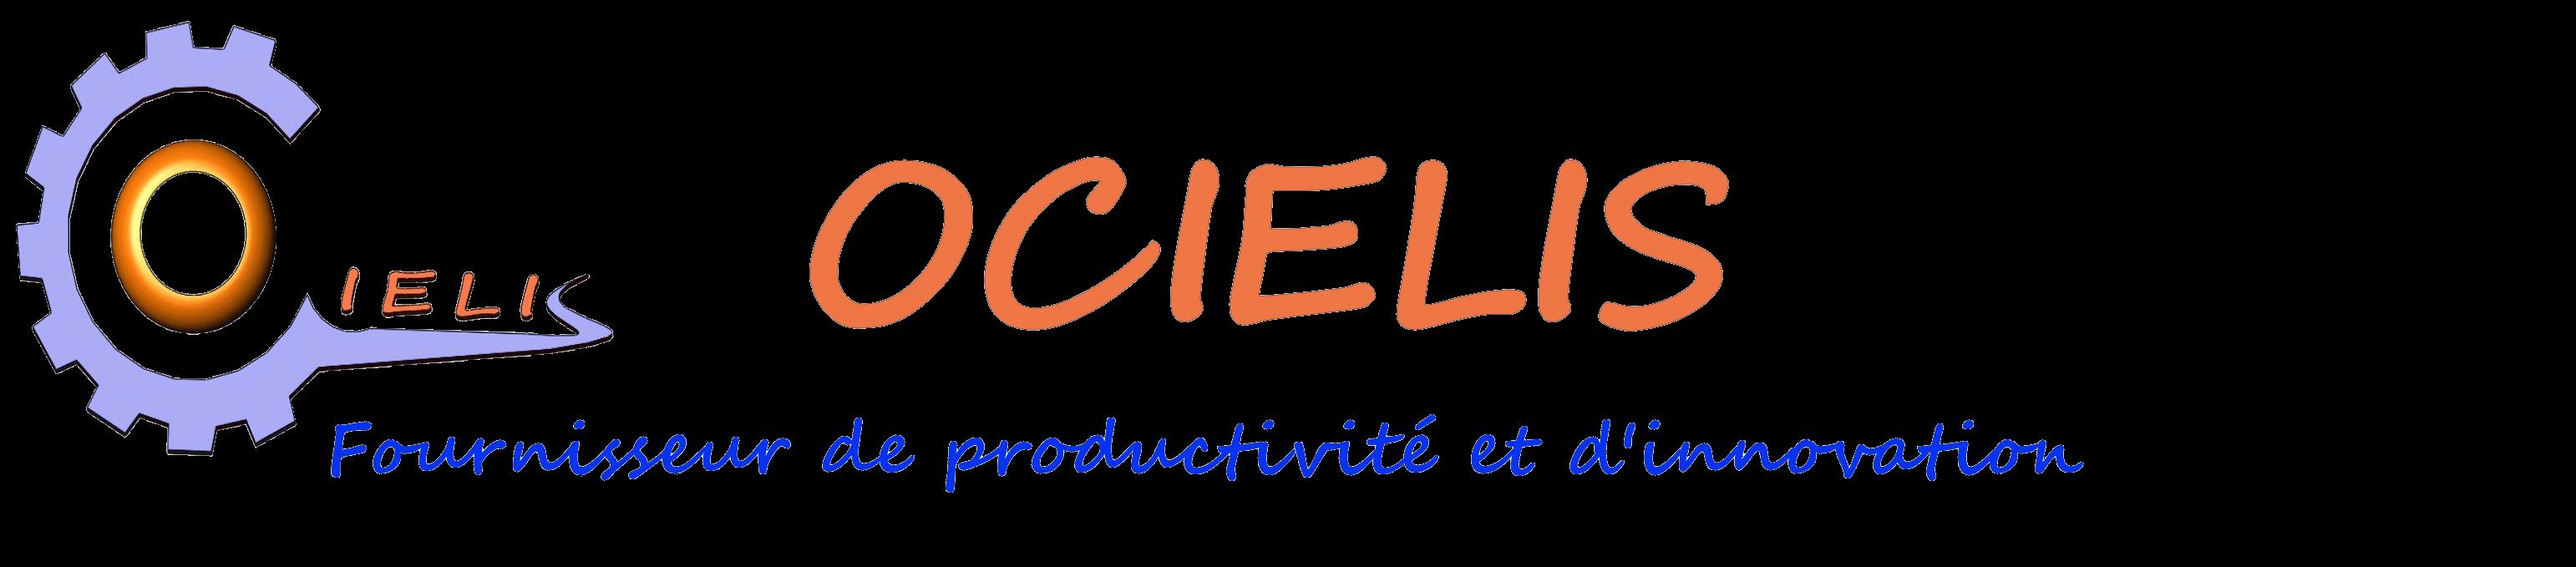 OCIELIS